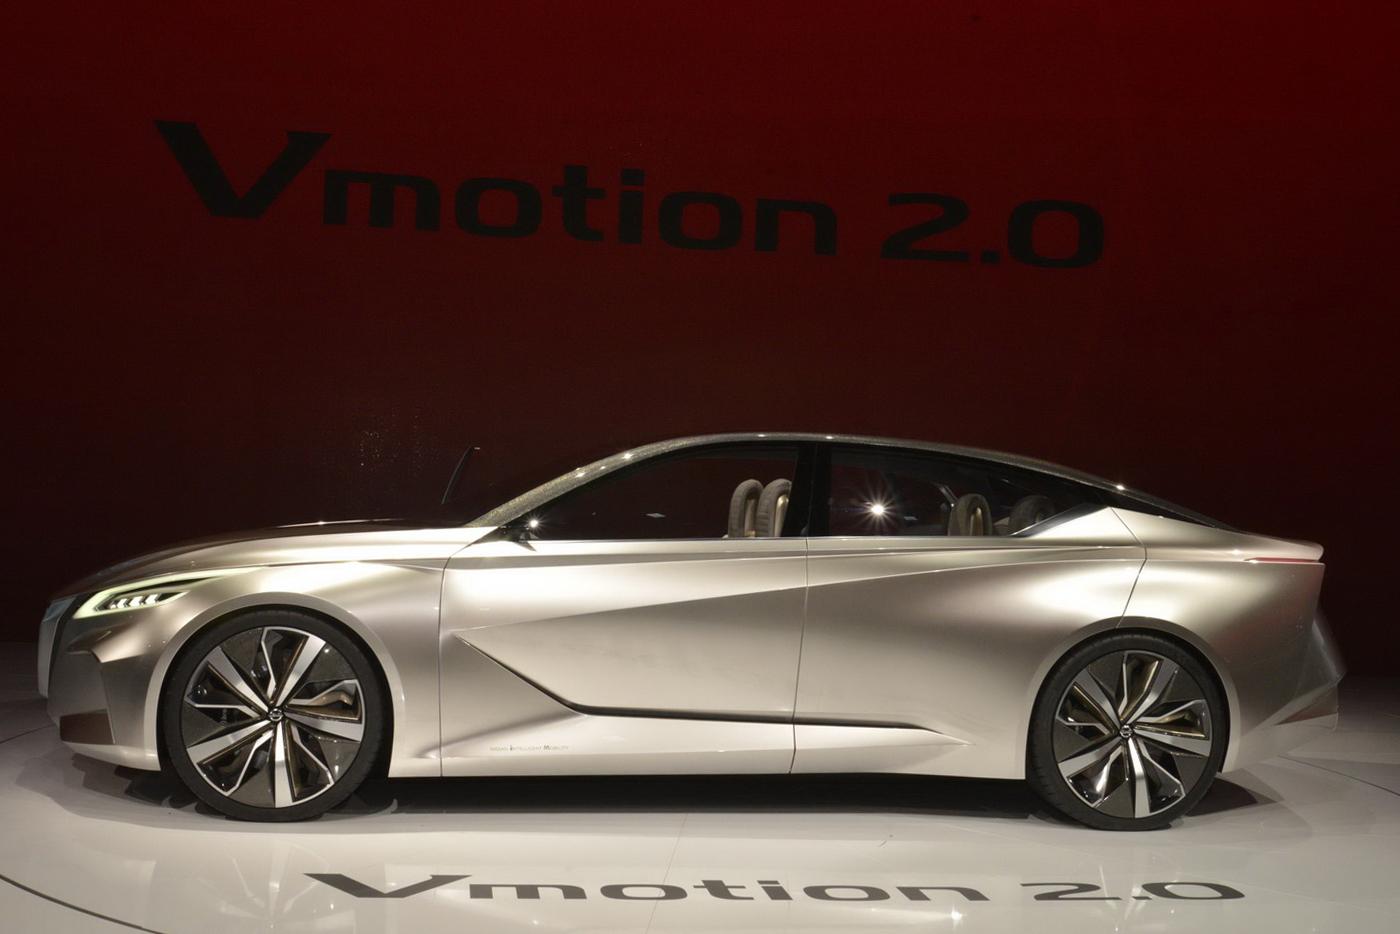 """Chiêm ngưỡng mẫu concept """"tuyệt đẹp"""" Nissan Vmotion 2.0 - ảnh 3"""